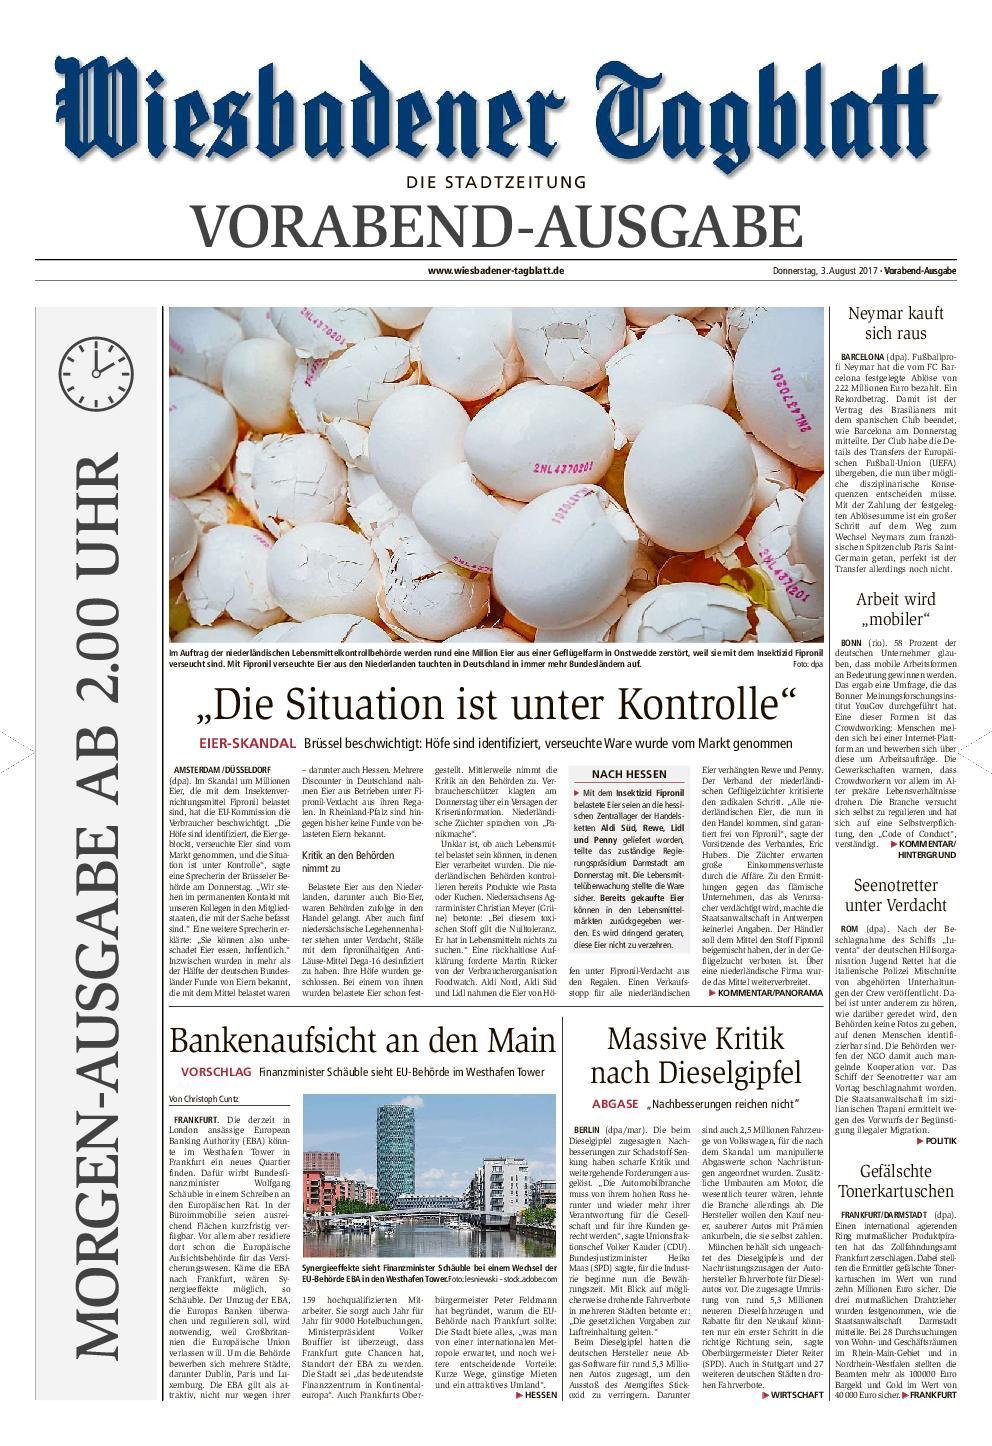 Wiesbadener Tagblatt Stadt 04 August 2017